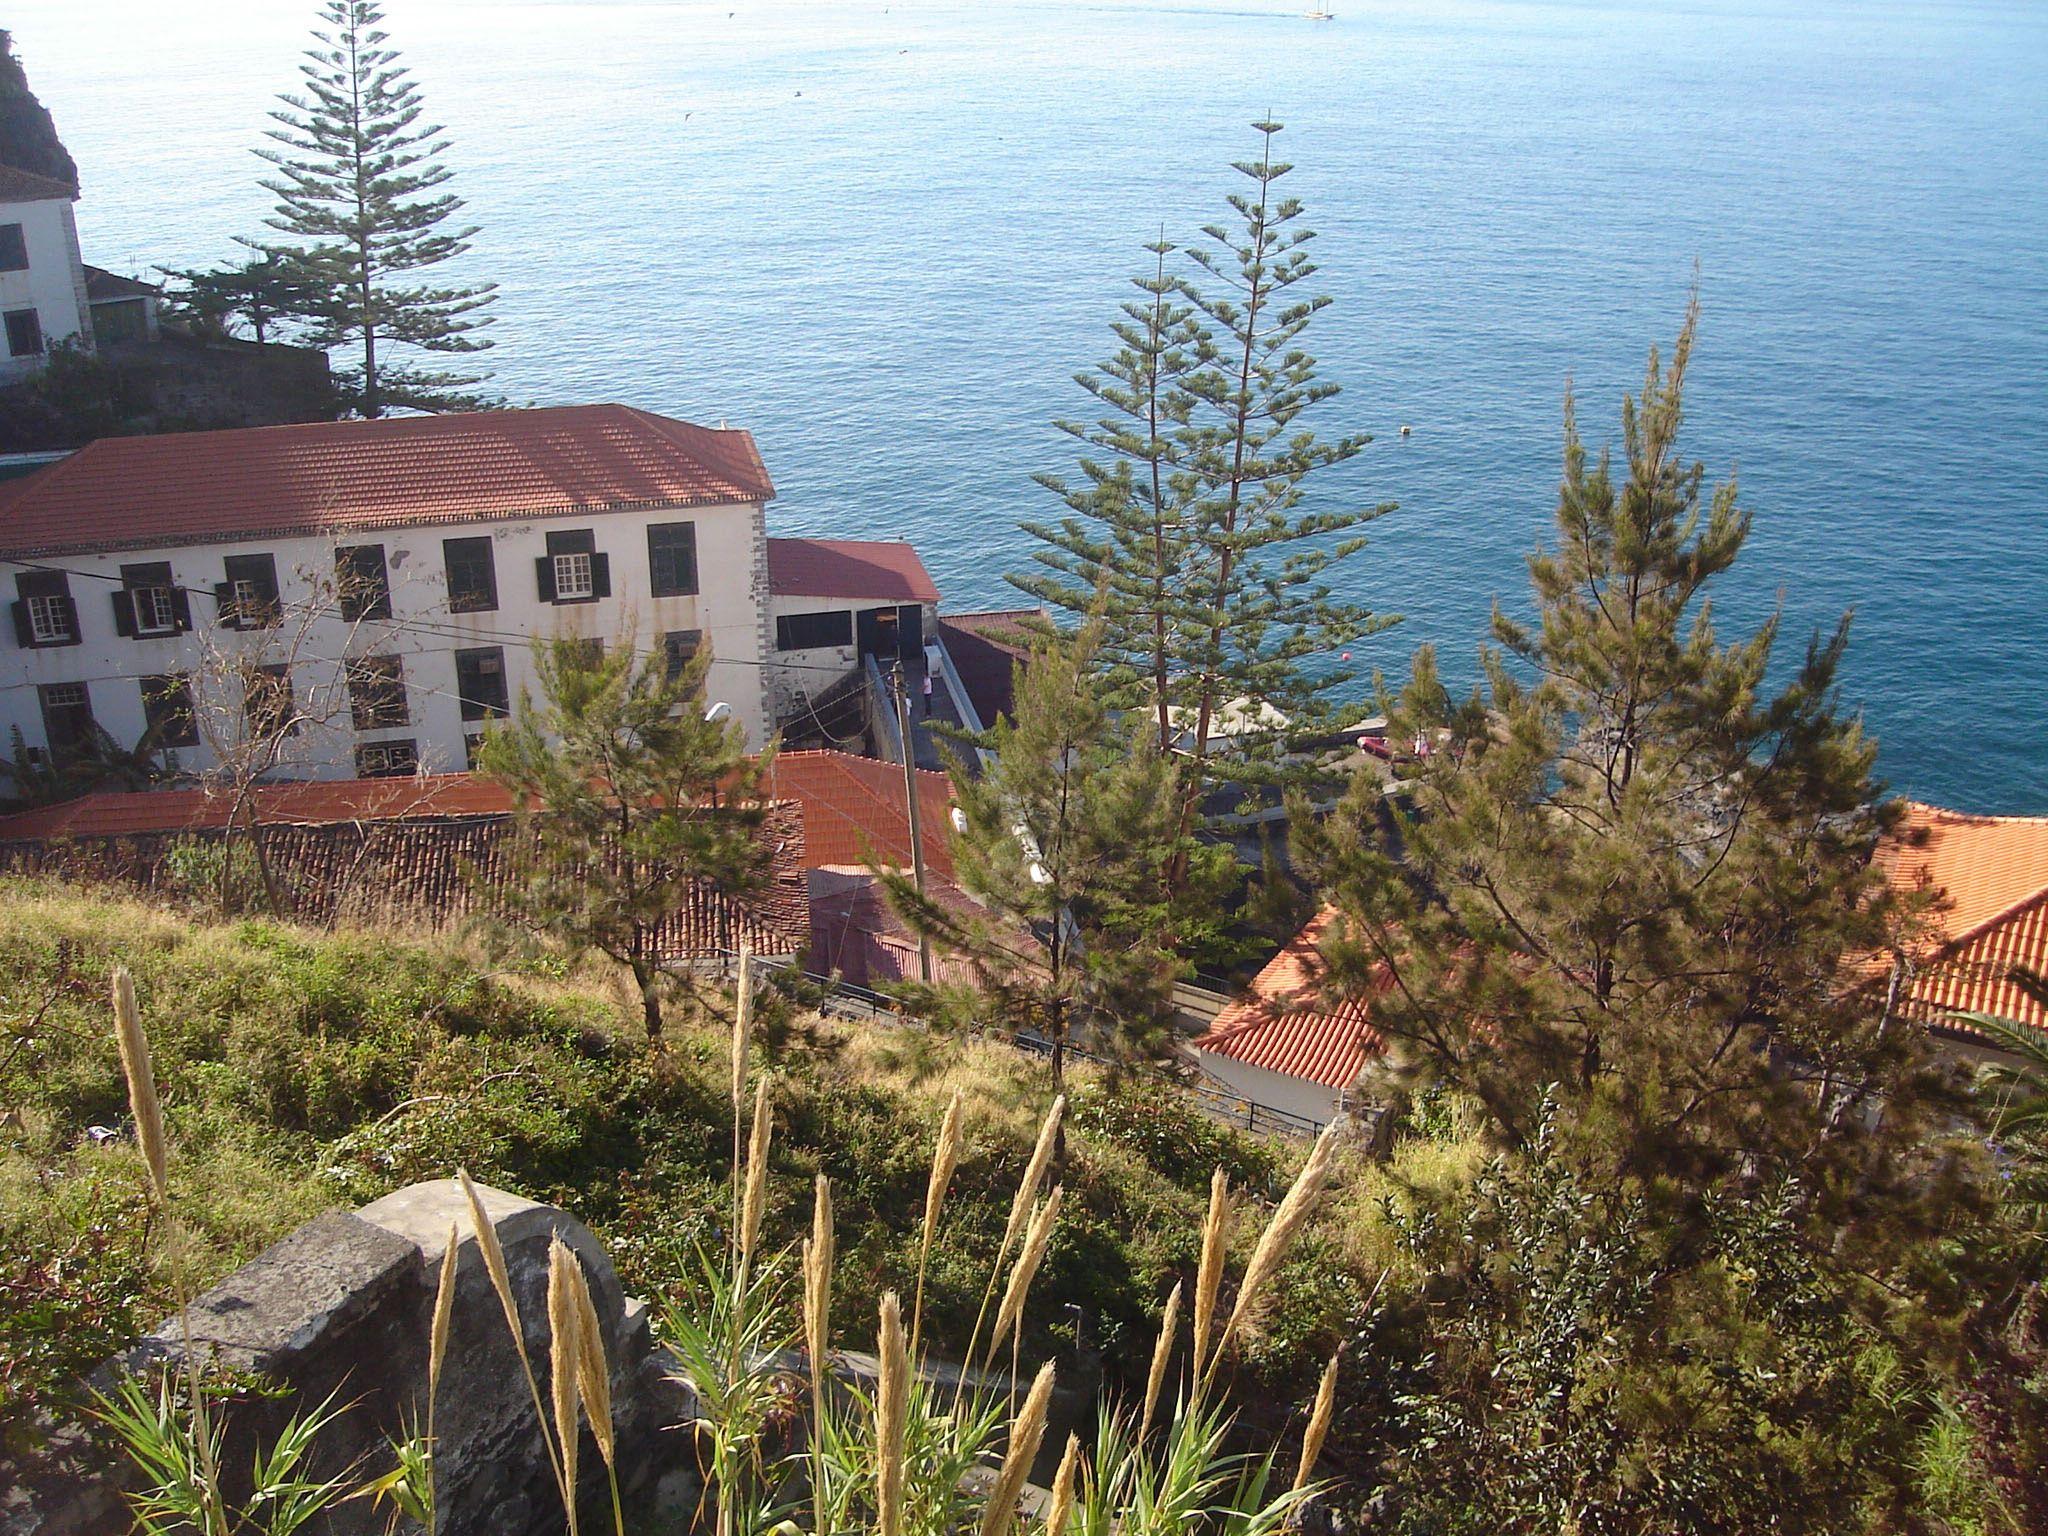 Vila Mar distinguido com Prémio nacional